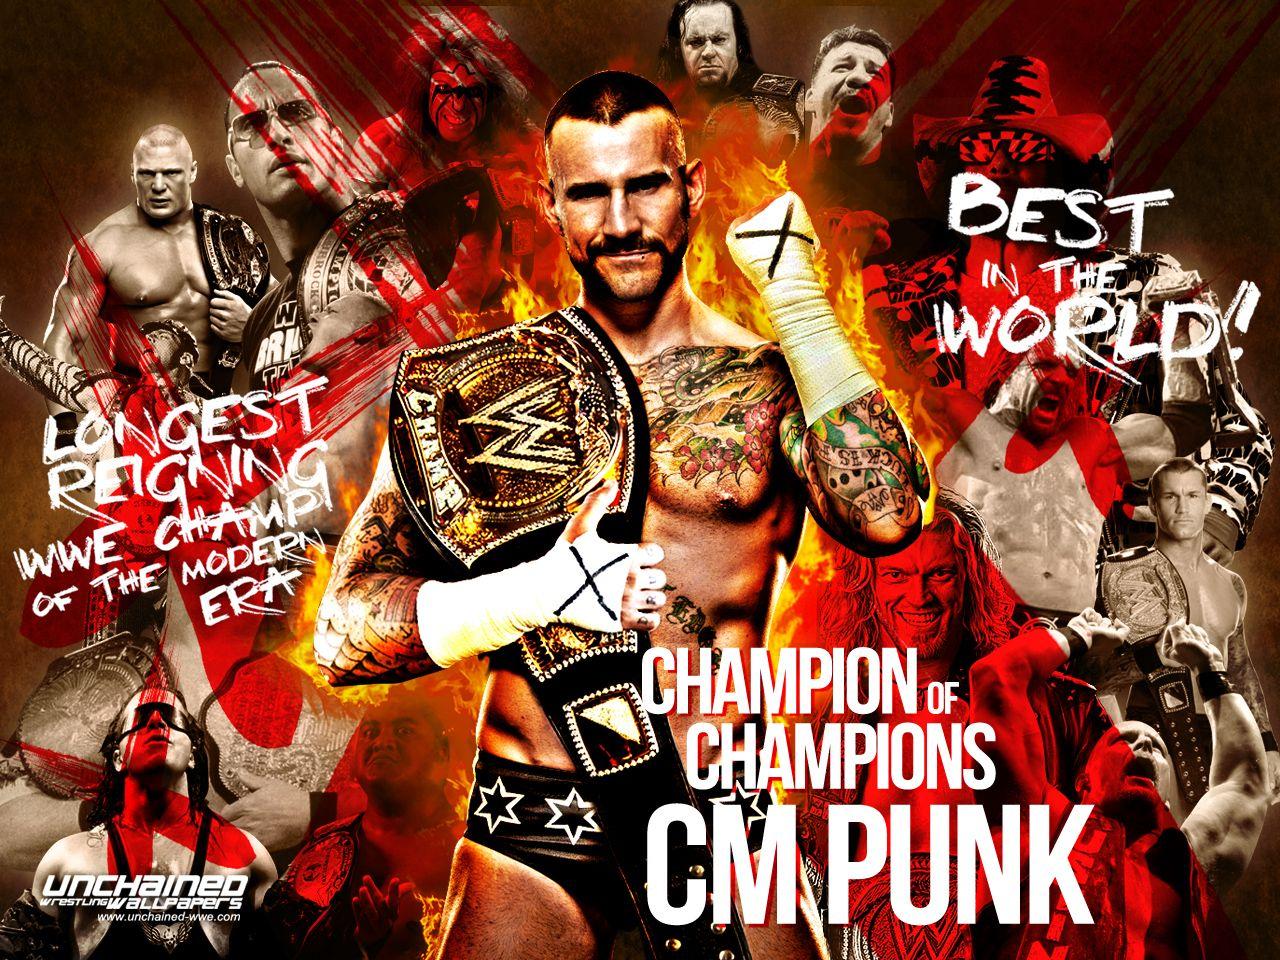 Wwe Wallpaper Cm Punk Champion Of Champions Cm Punk Wwe Wwe Champions